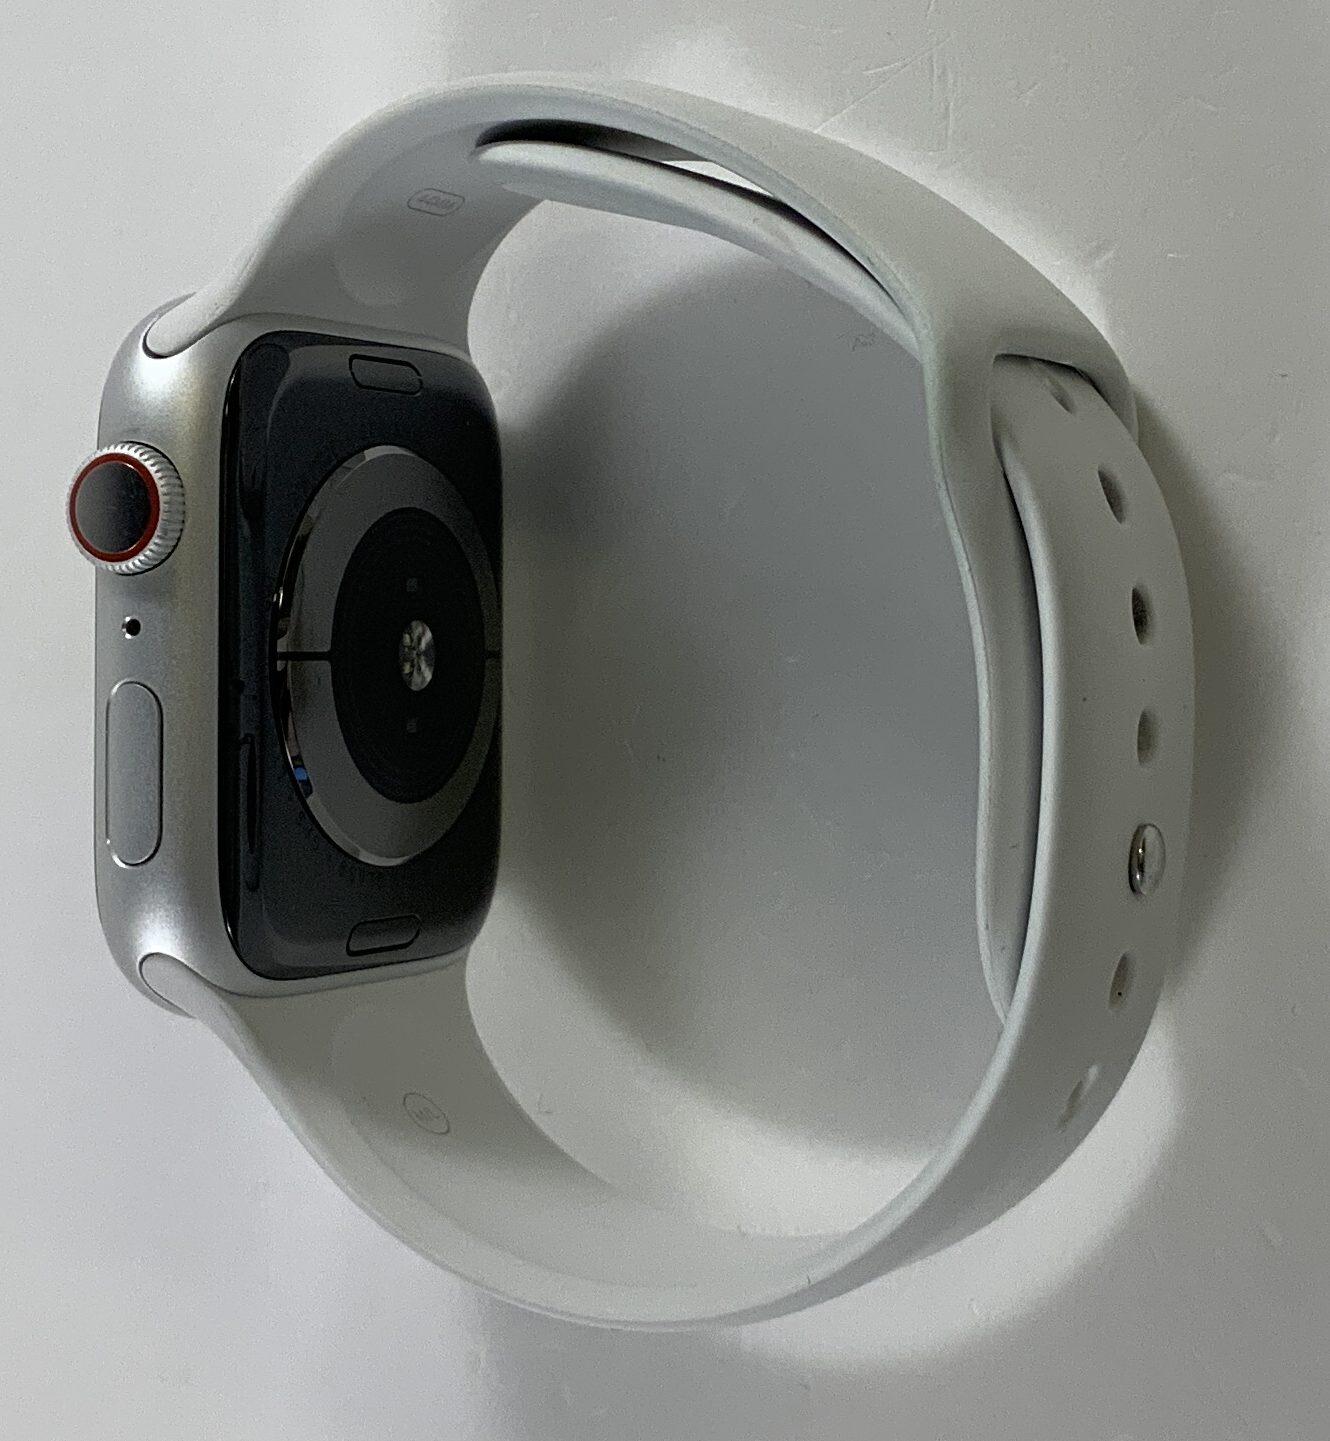 Watch Series 5 Aluminum Cellular (44mm), Silver, bild 3